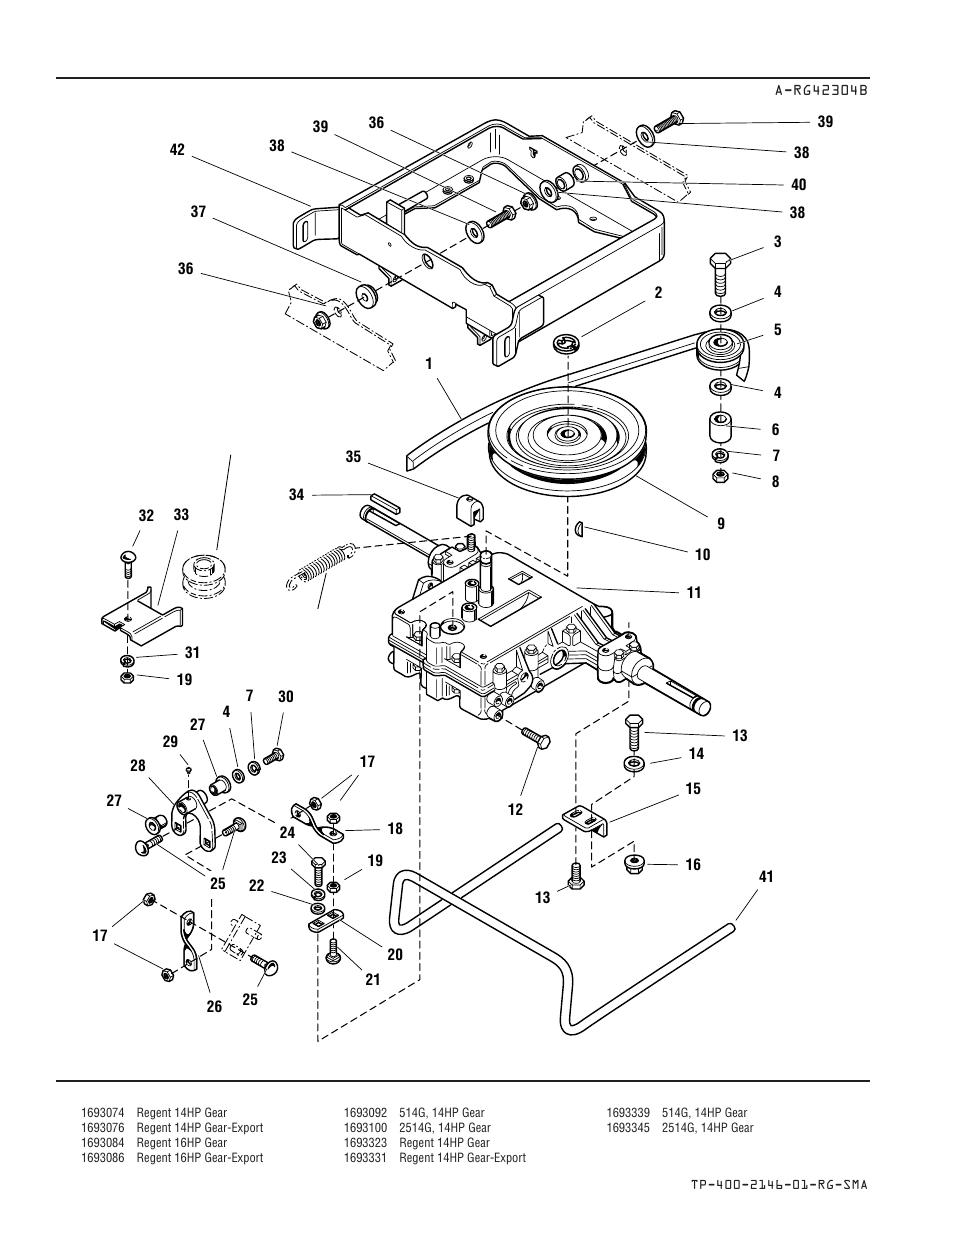 Transmission, belt, & carrier group — gear models